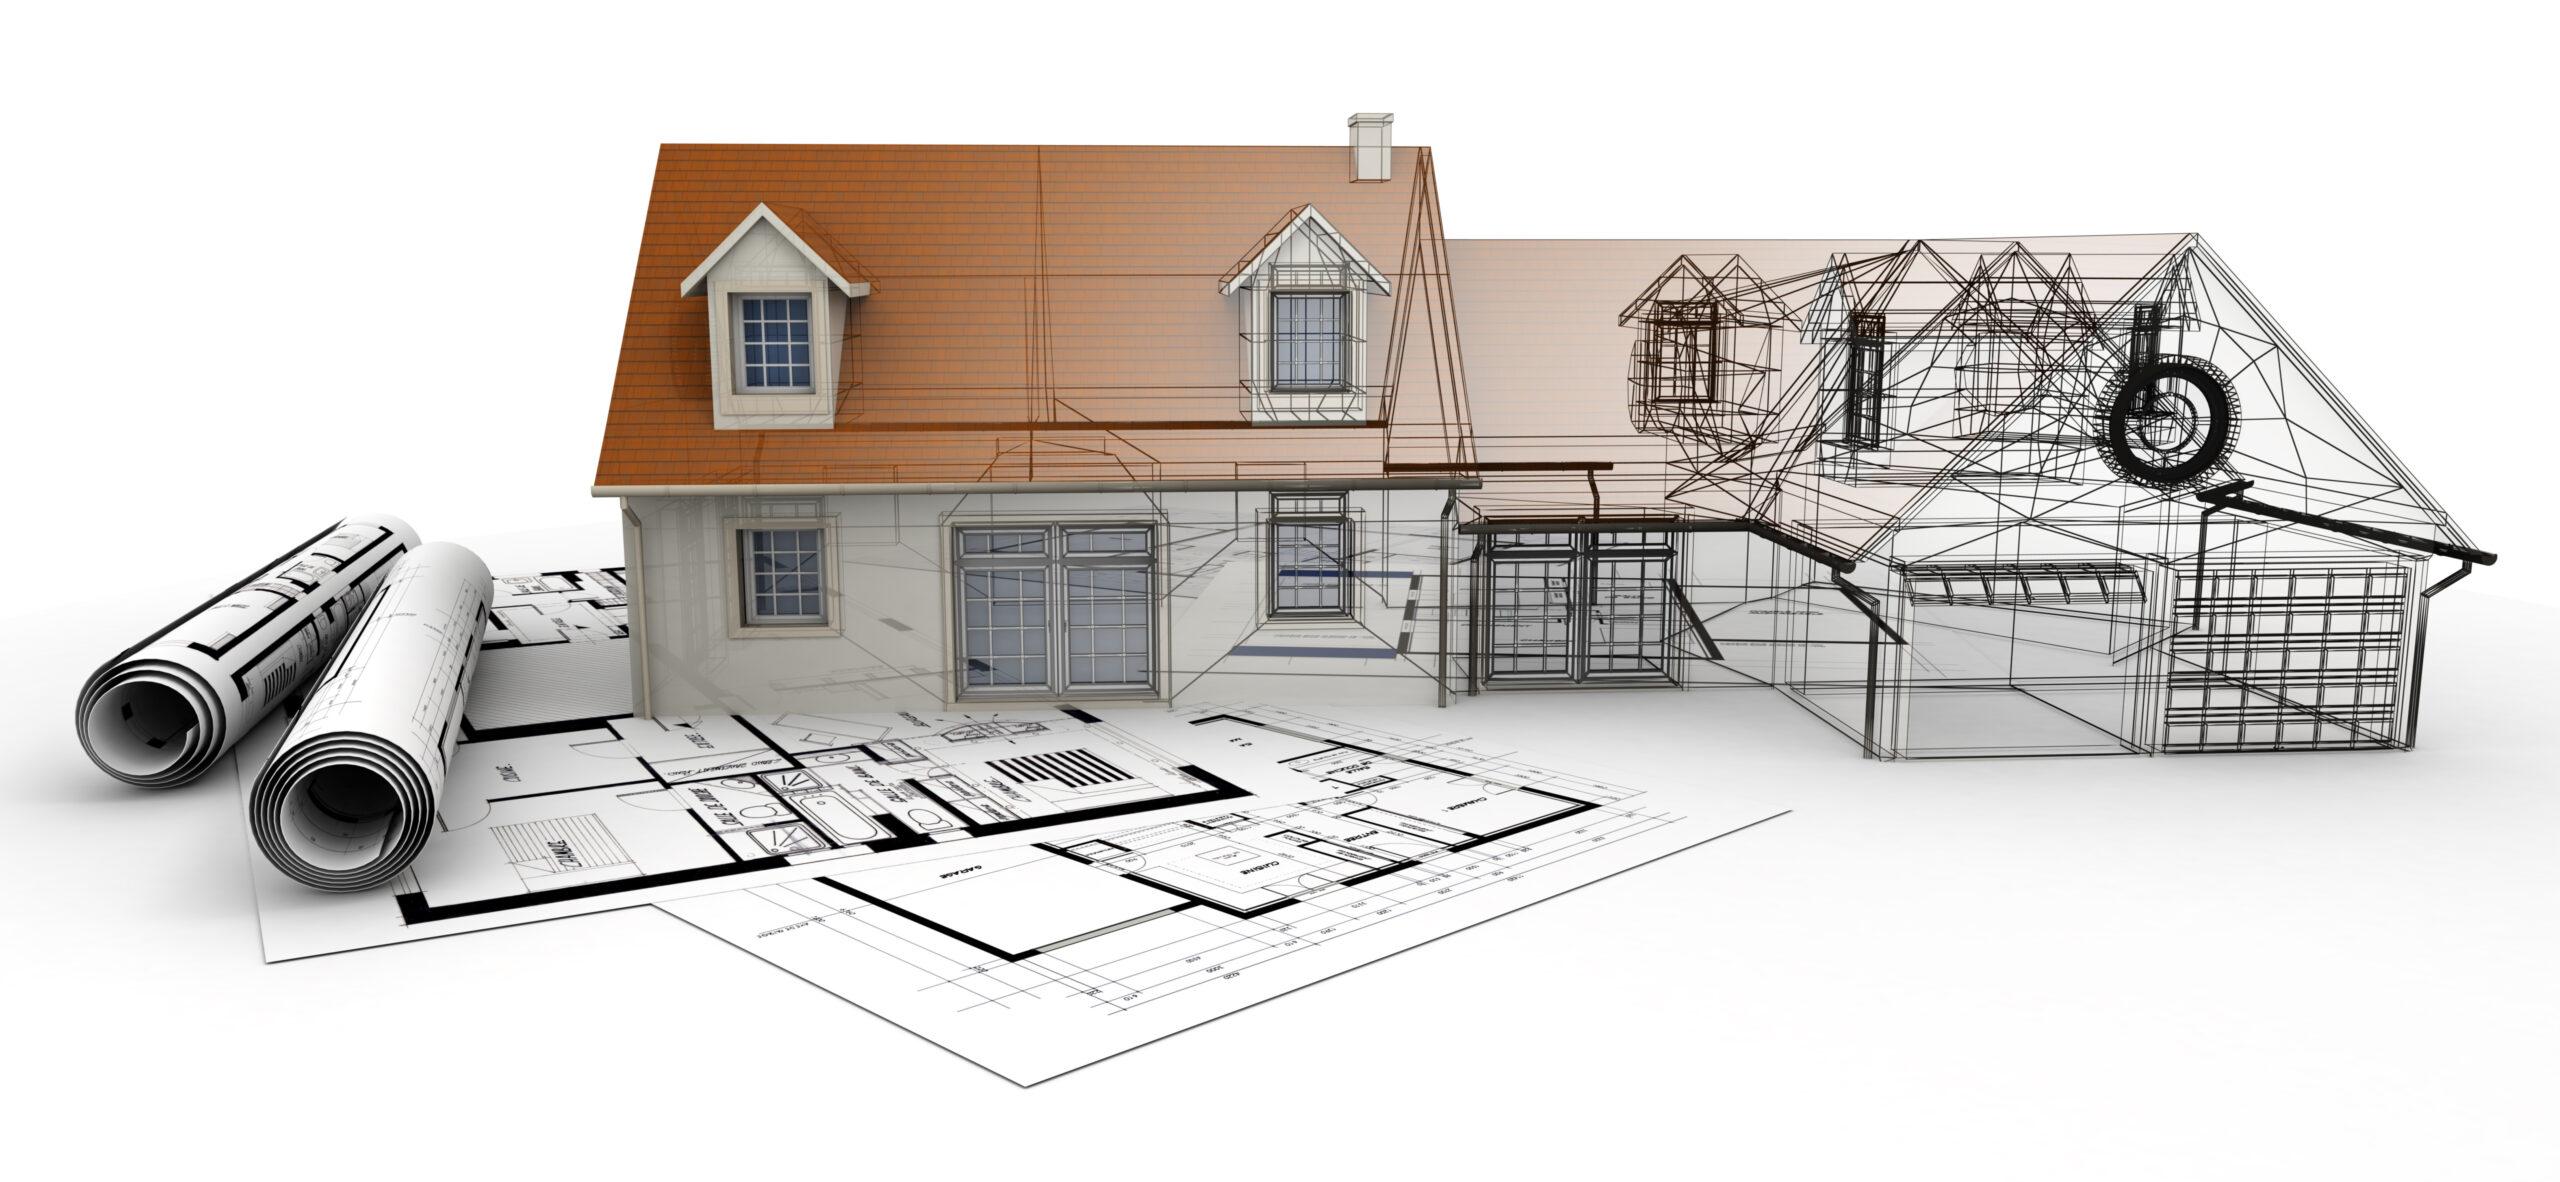 Колко струва да се направи проект на къща?